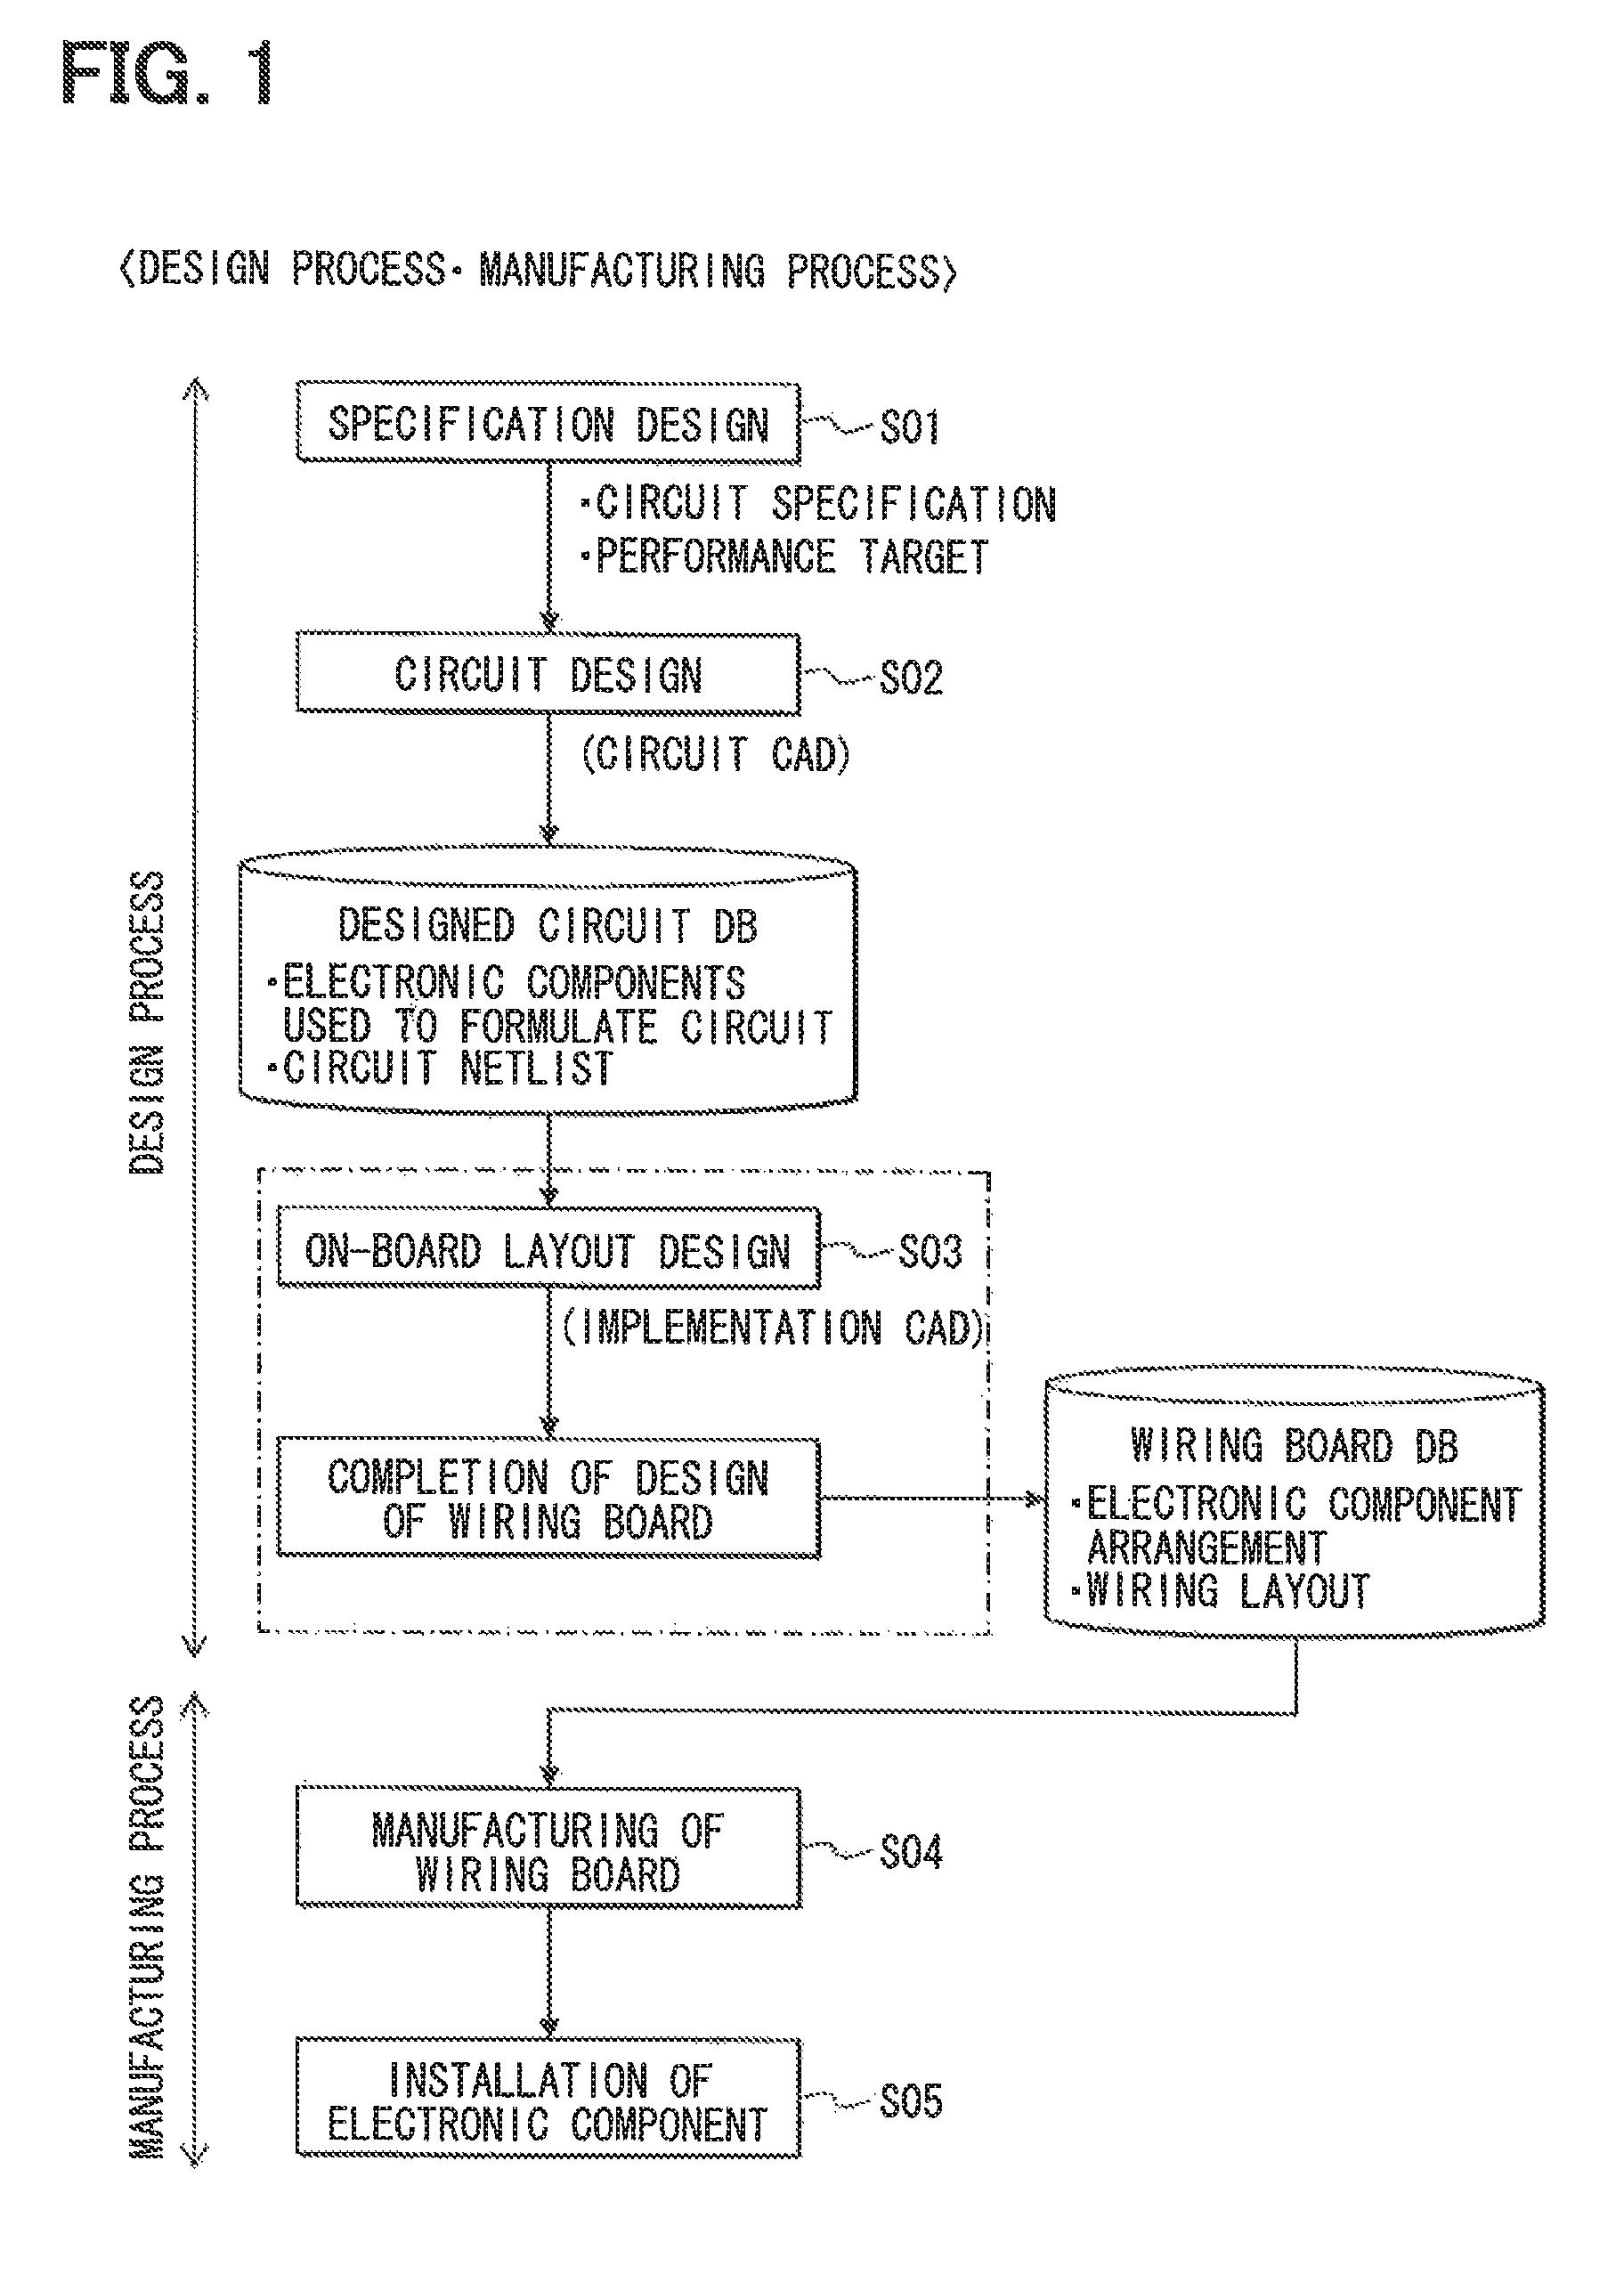 patentimages storage googleapis com/US8745562B2/US